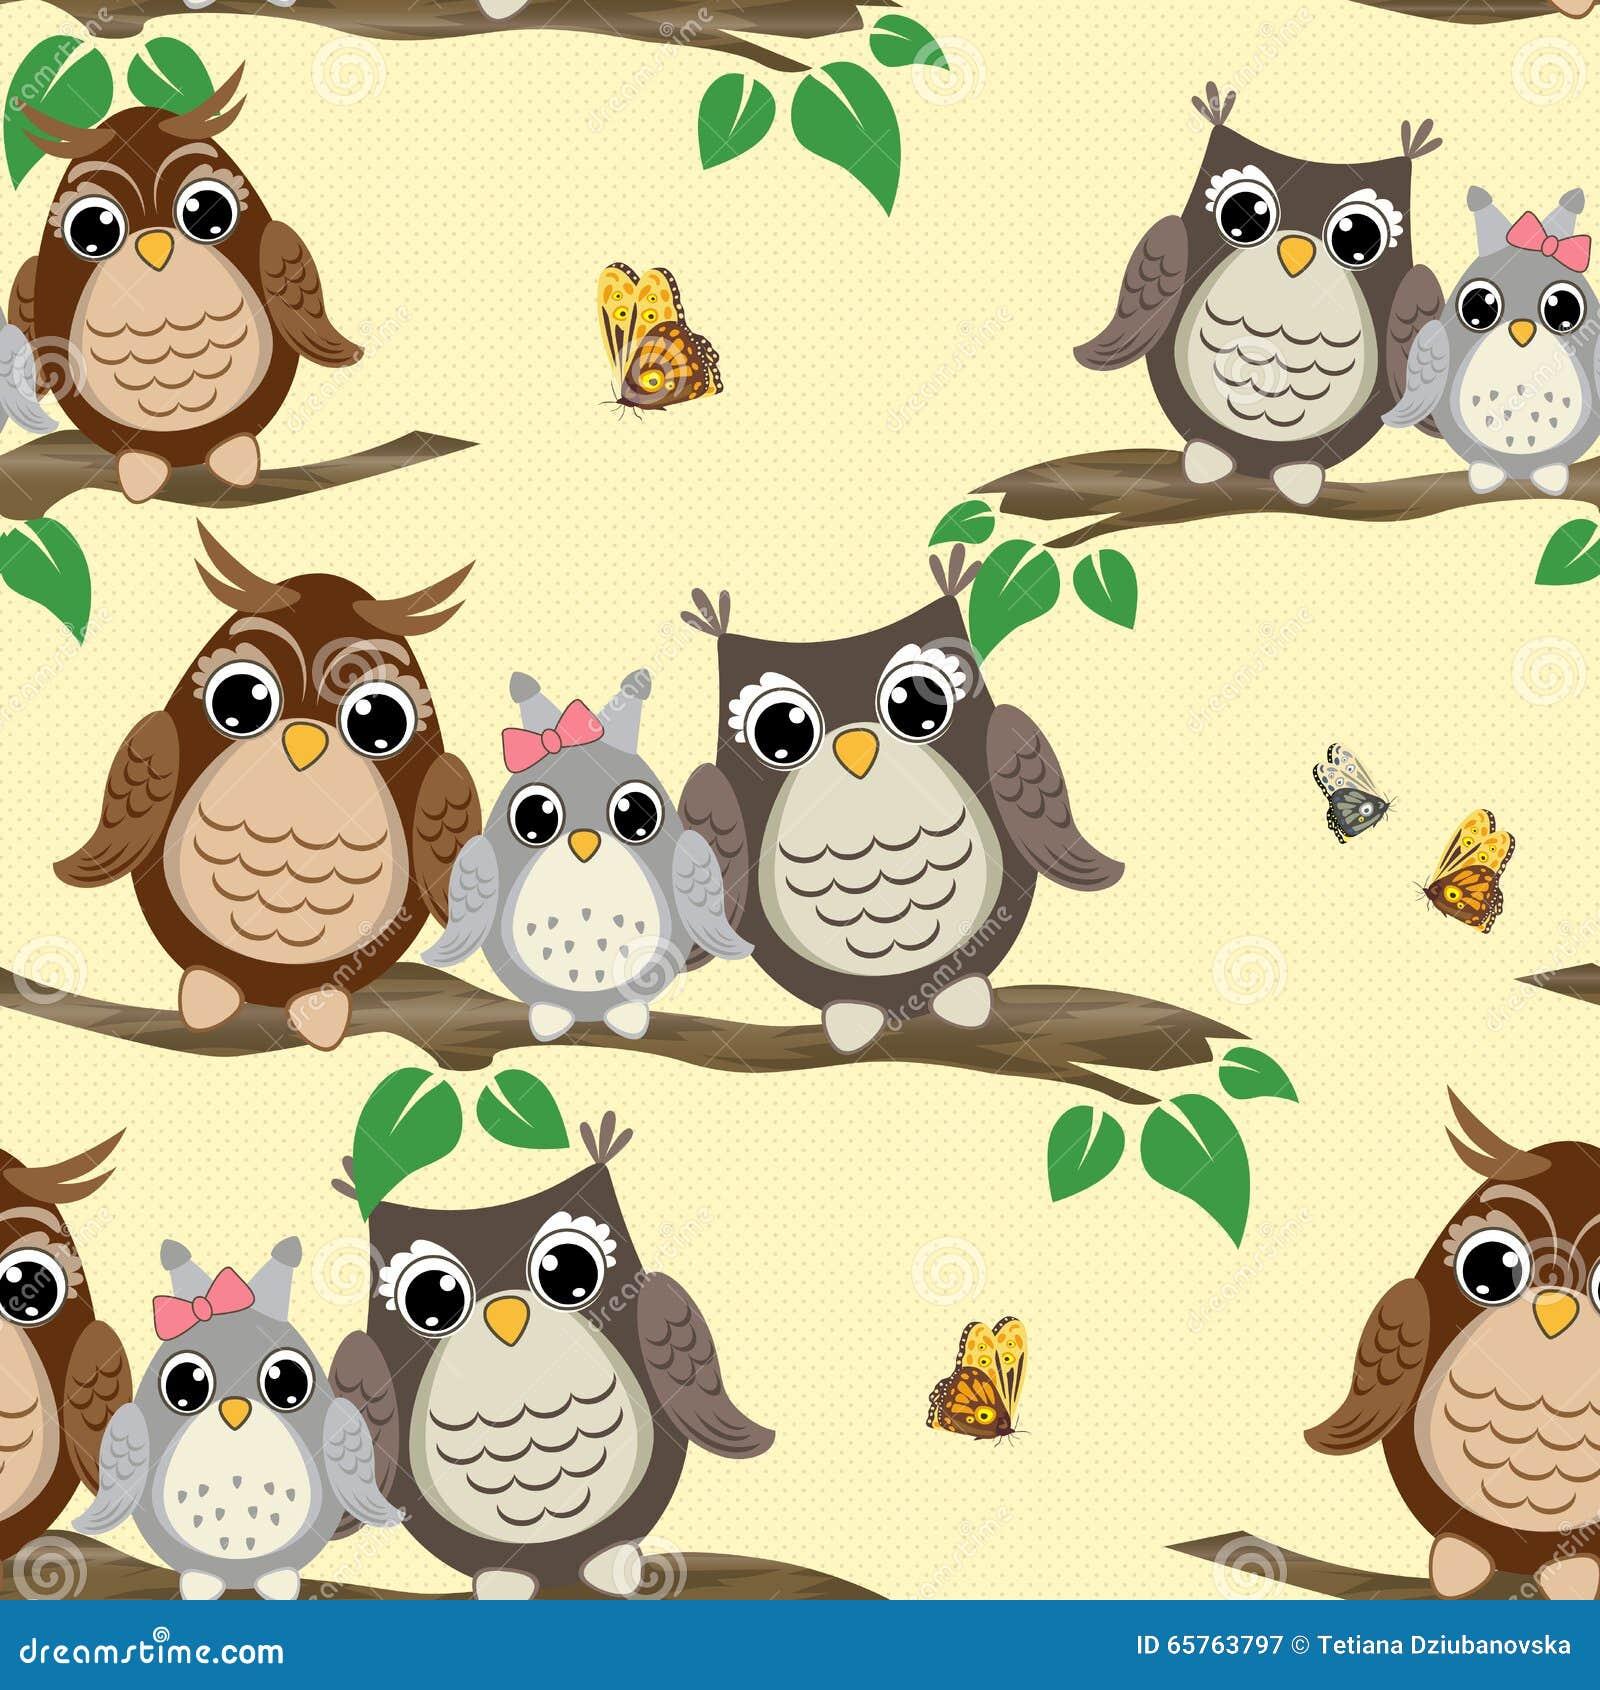 cute owls background wwwpixsharkcom images galleries